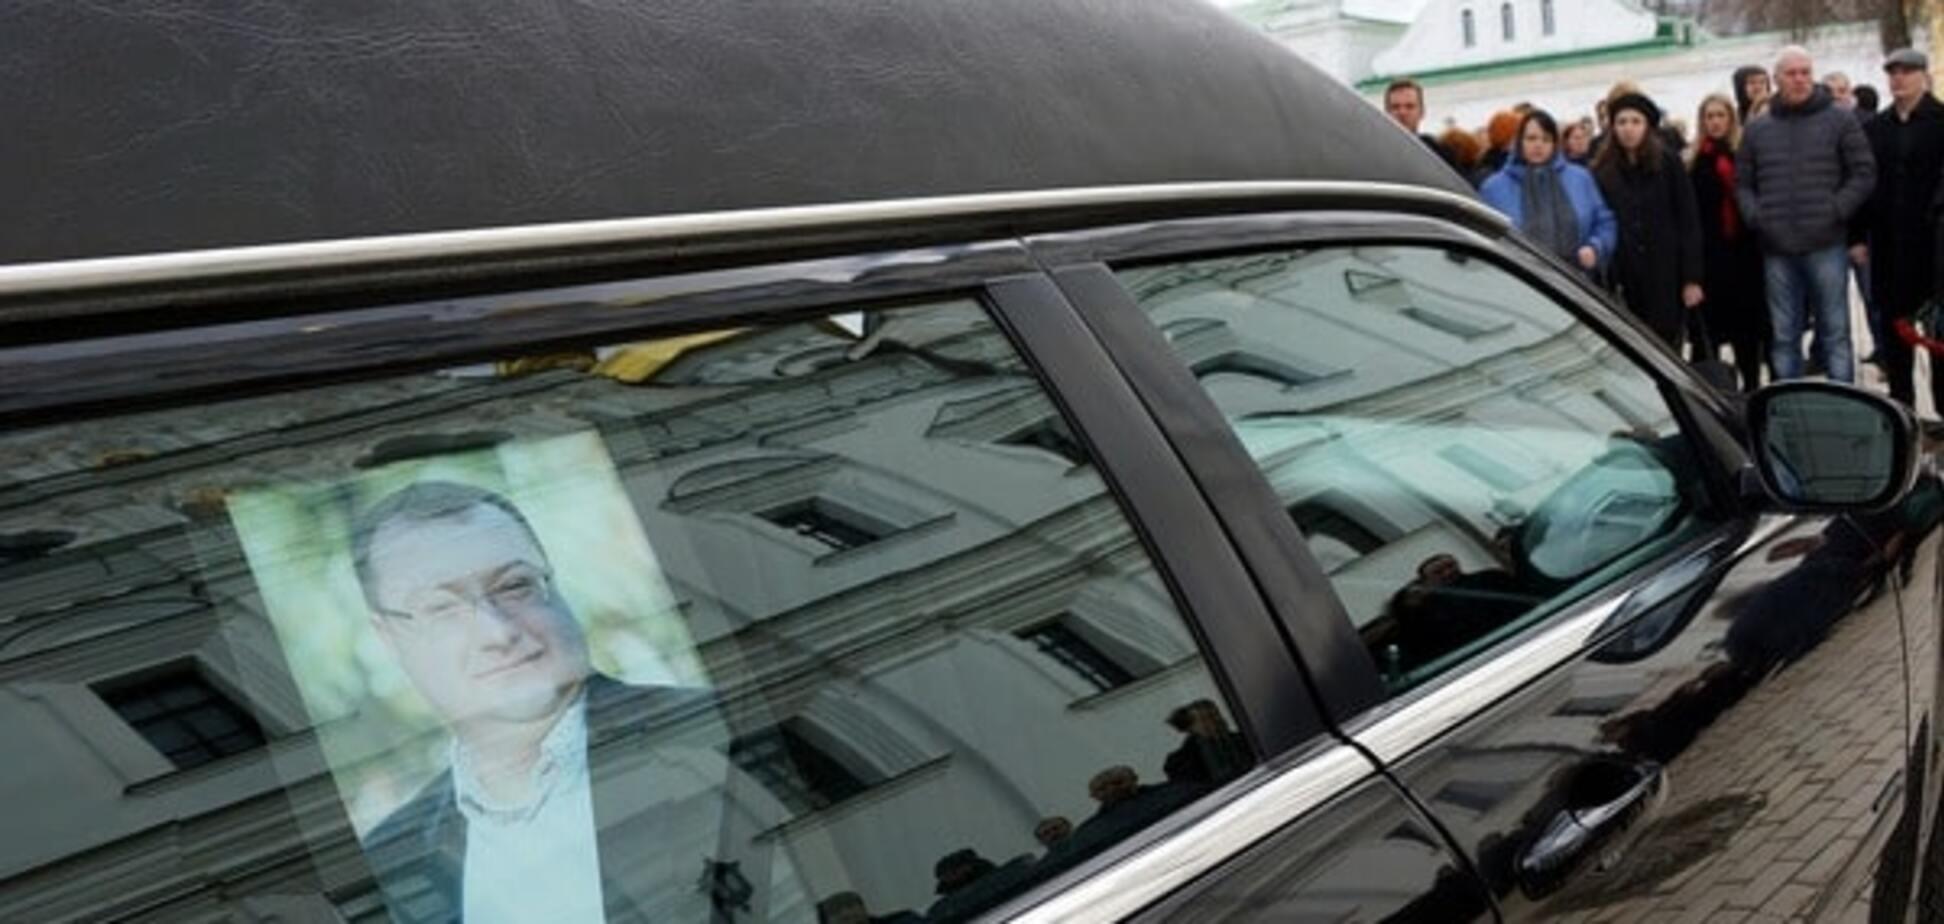 Імена та фото підозрюваних у вбивстві Грабовського потрапили в ЗМІ